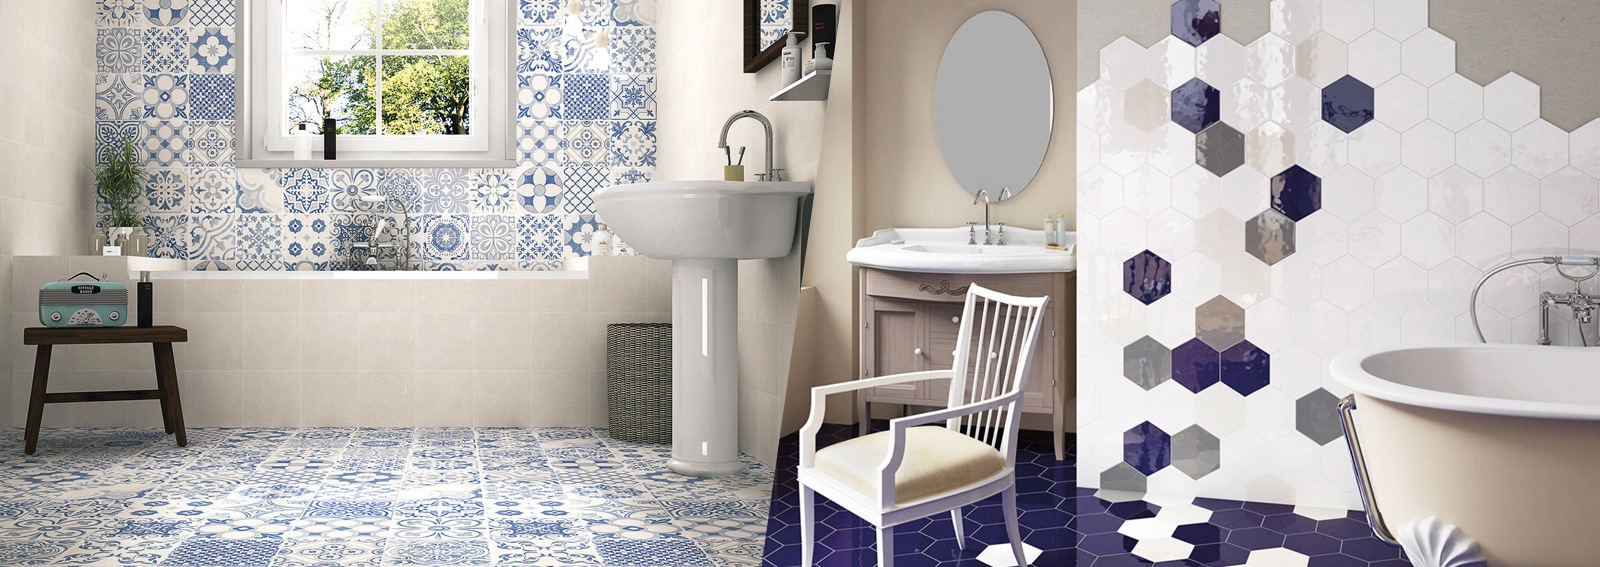 rivestimenti per il bagno: 10 idee decor da copiare - grazia.it - Rivestimenti Bagni Moderni